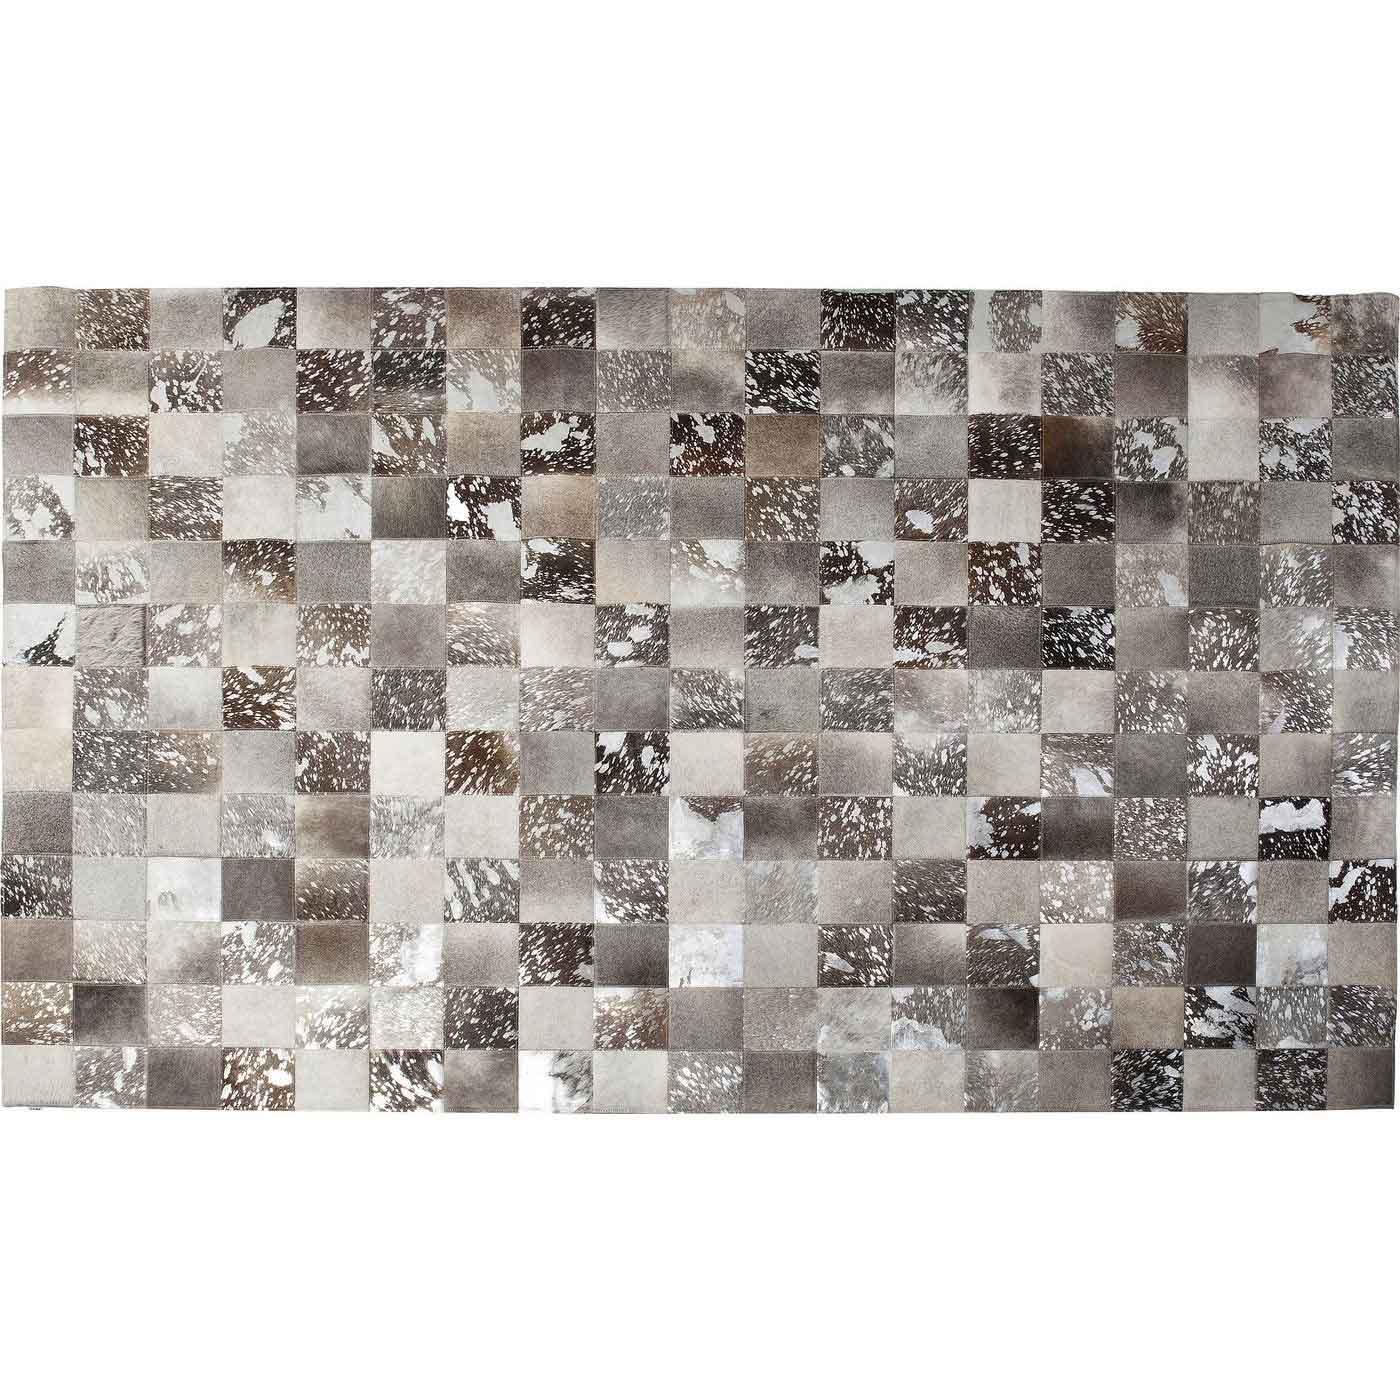 kare design – Kare design cosmo grey fur gulvtæppe - gråt koskind (300x200) fra boboonline.dk